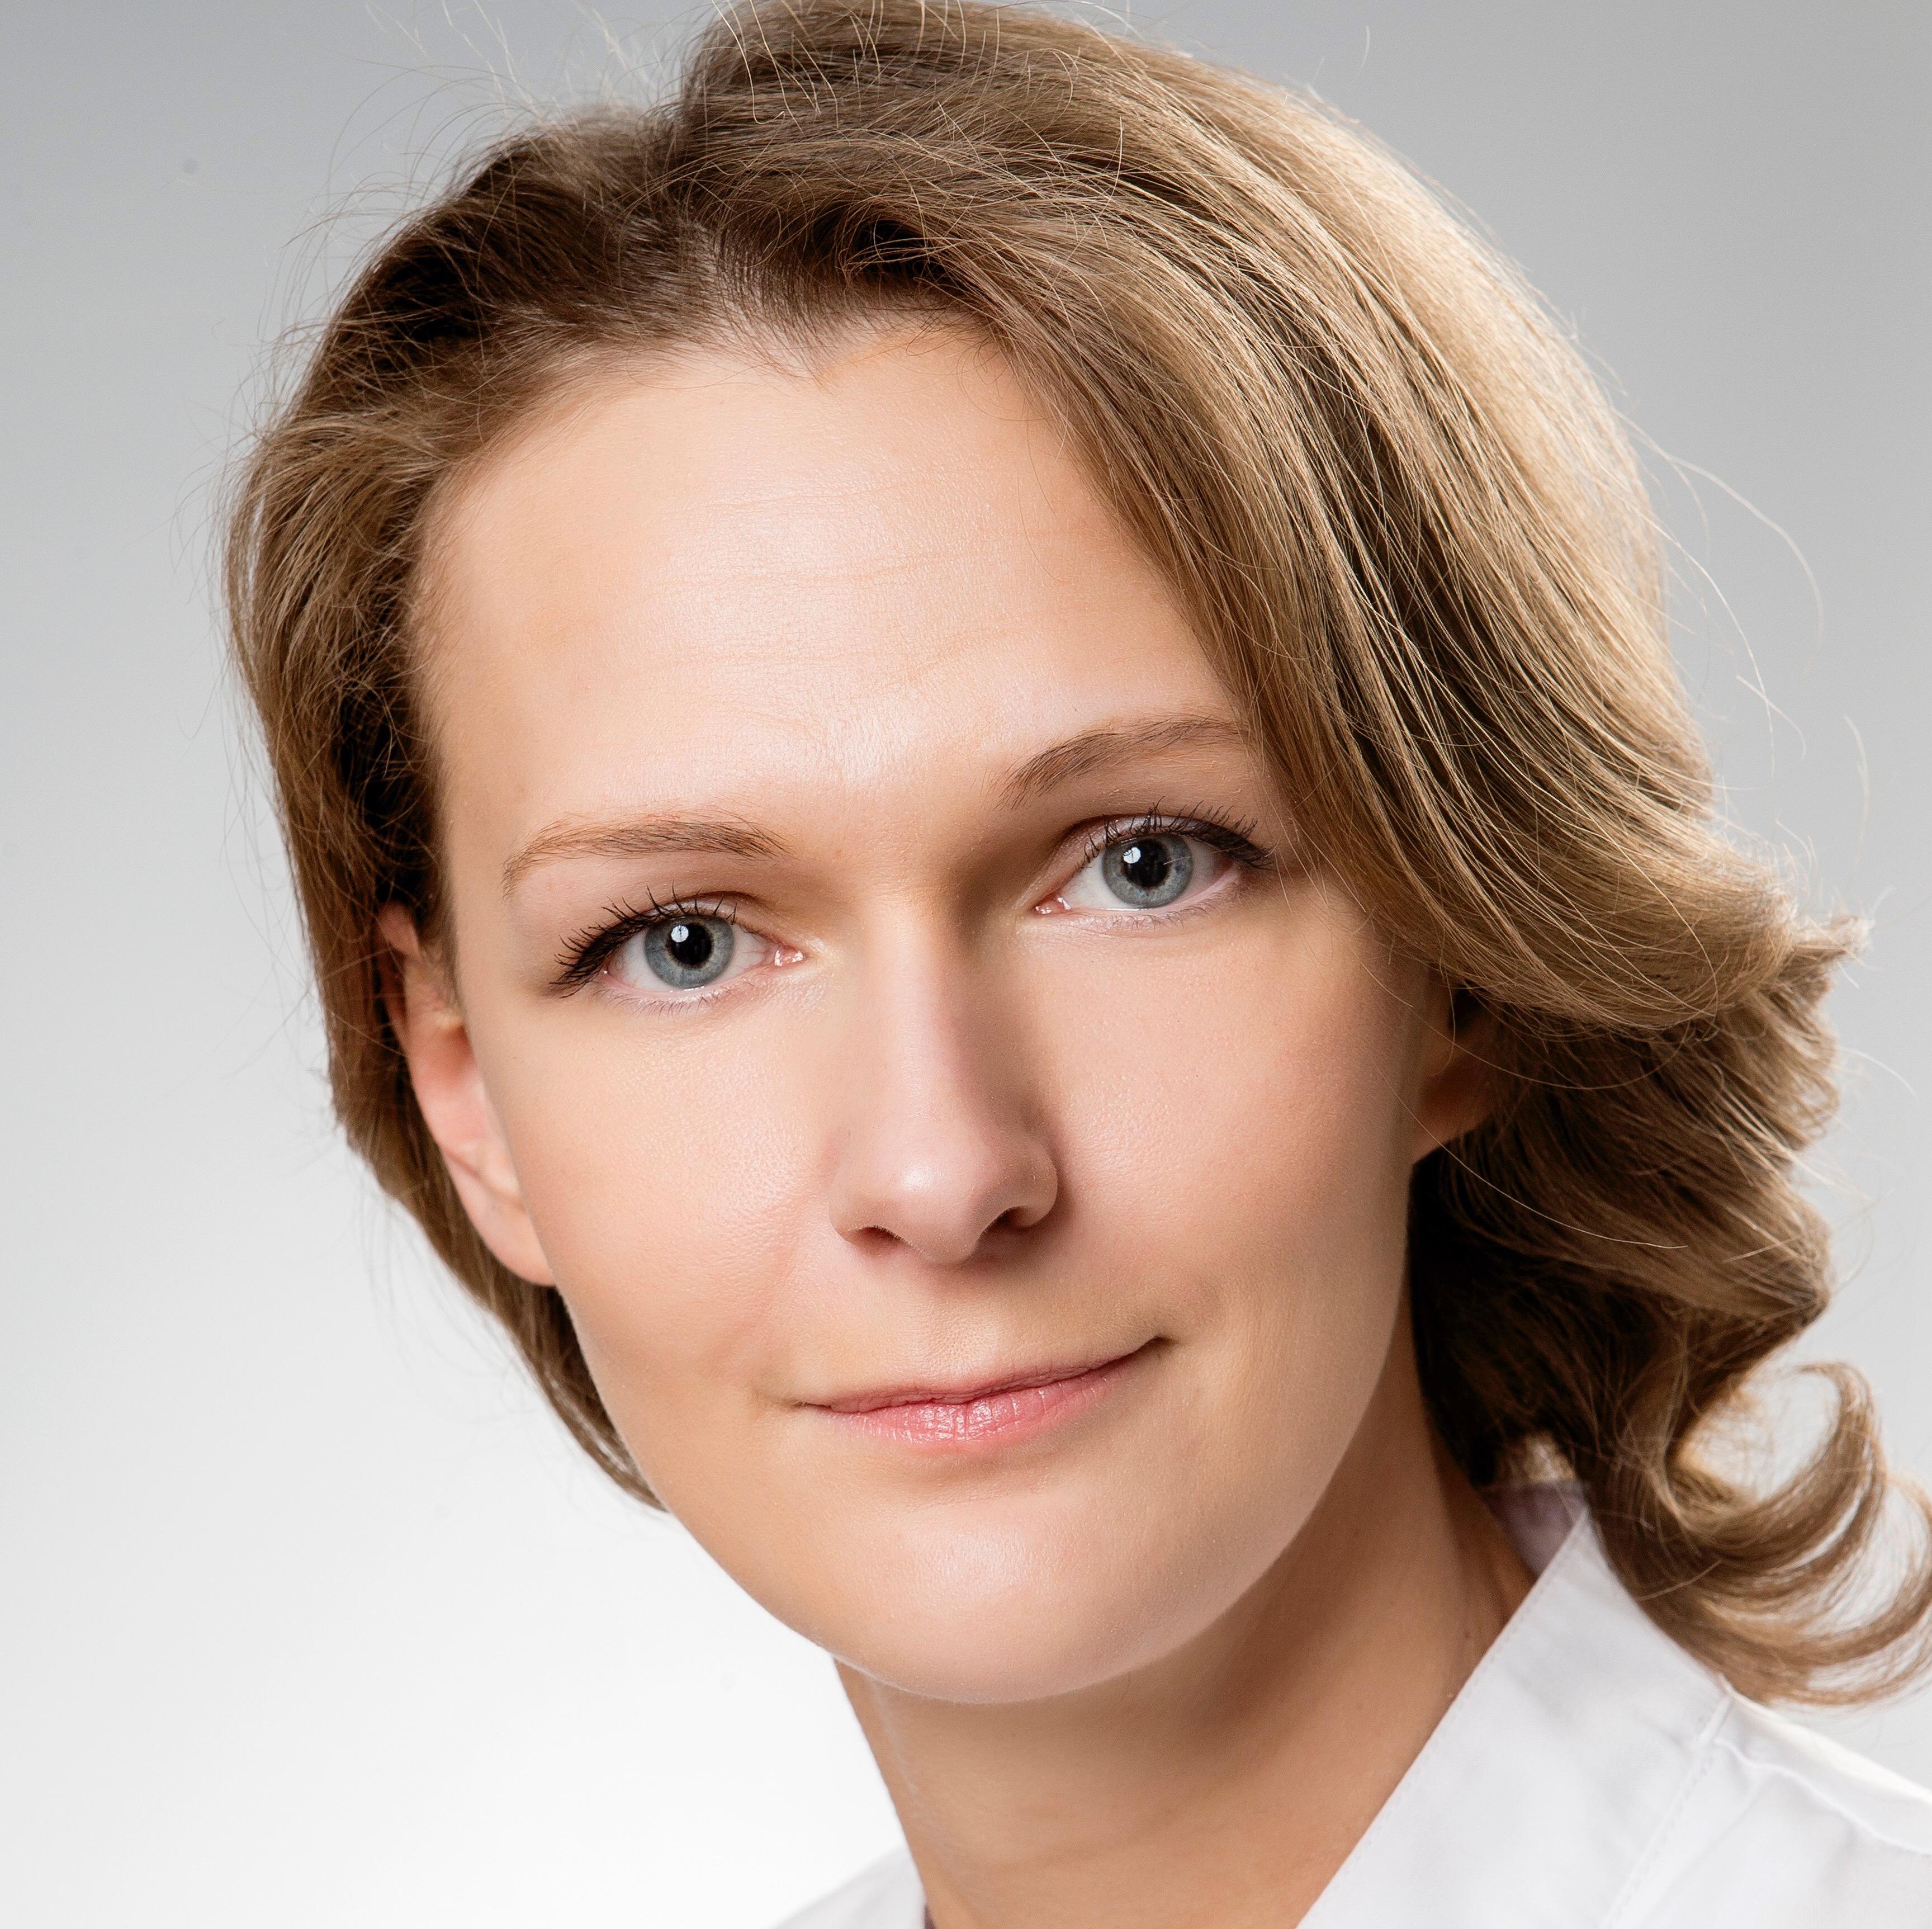 Наталья. эндокринолог, Москва, портрет